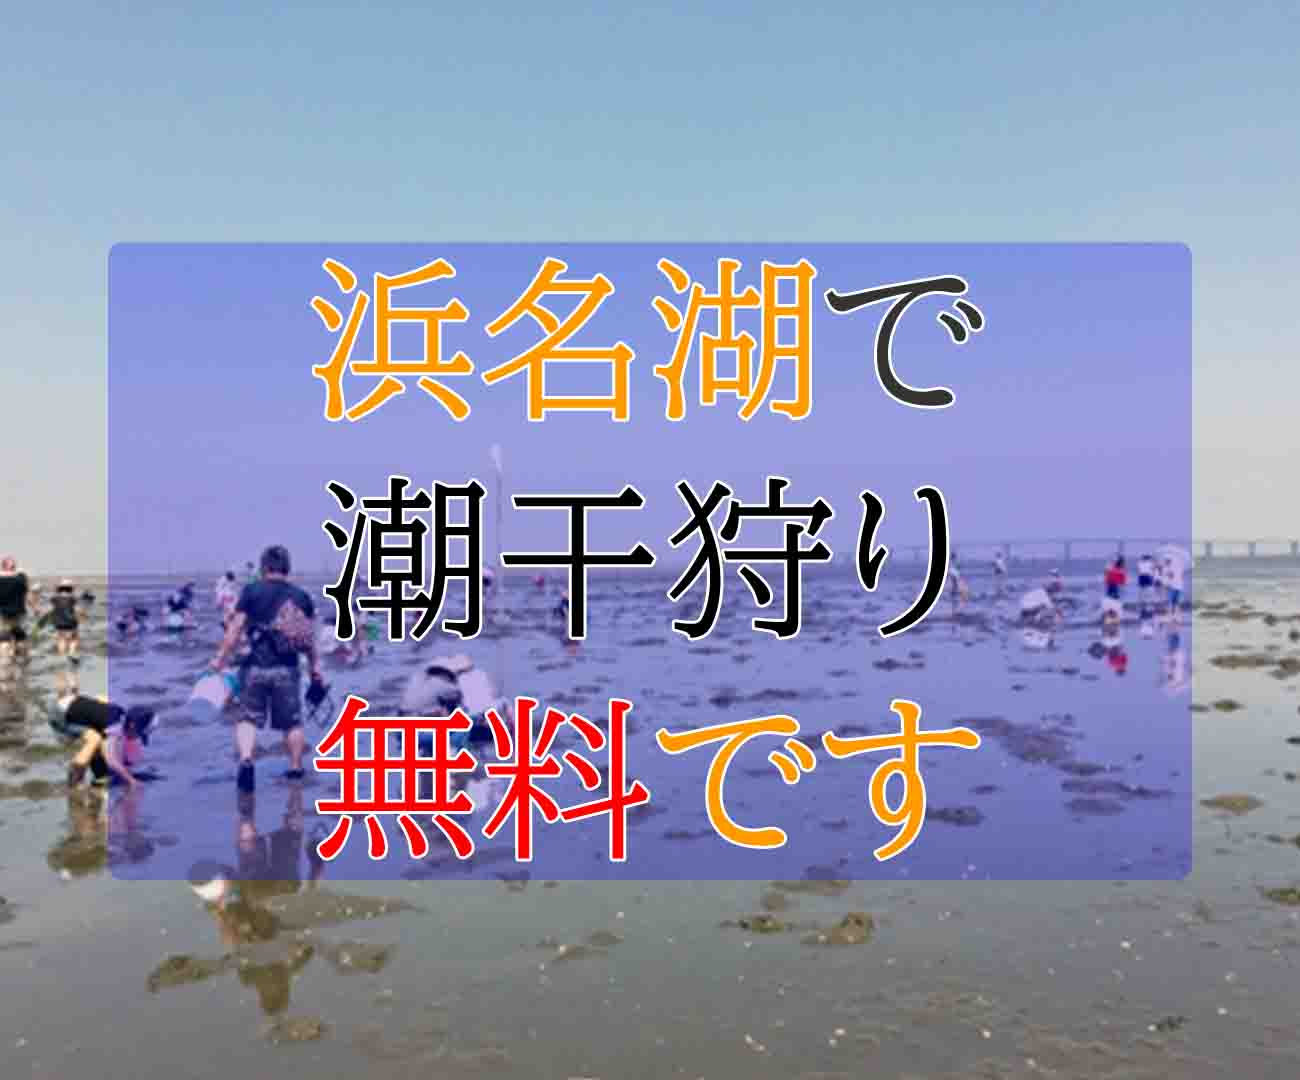 浜名湖潮干狩り場所